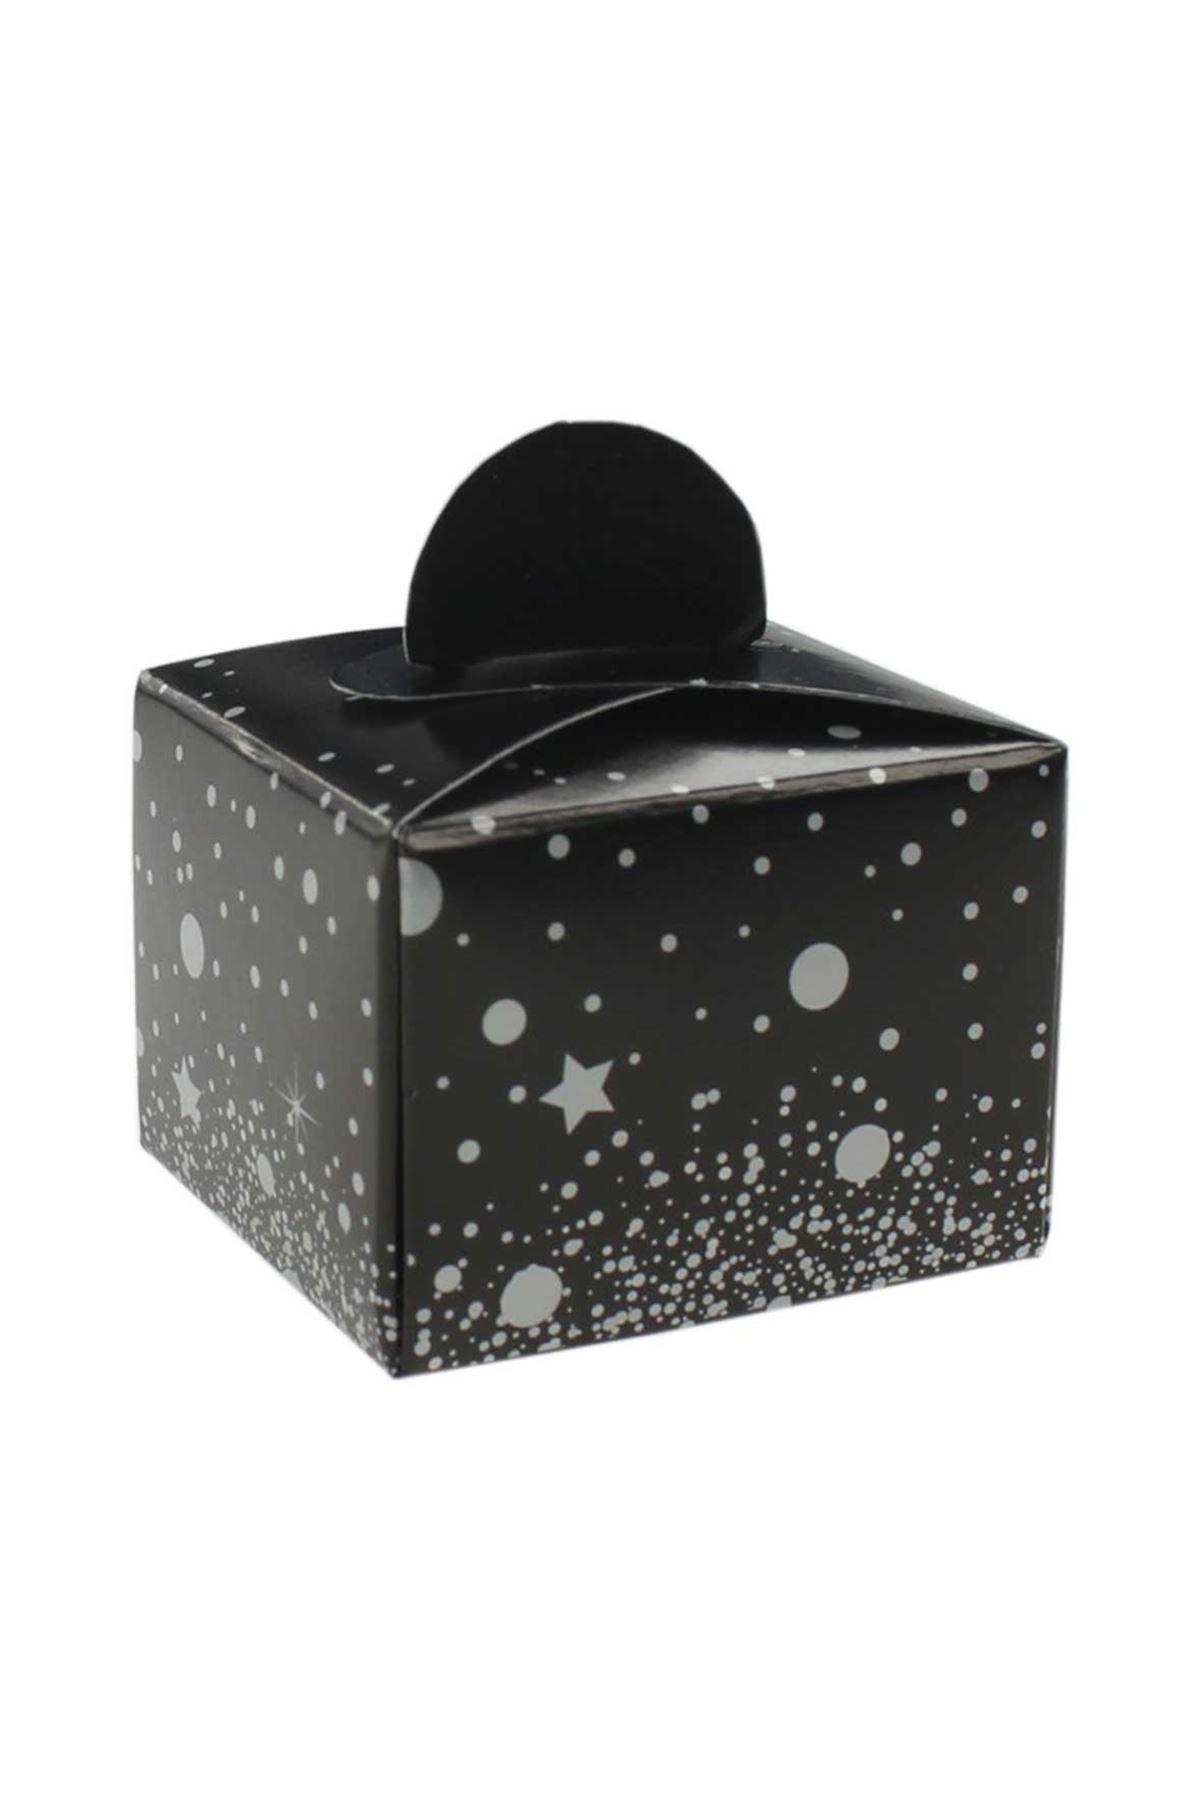 Siyah Üzerine Gri Puanlı Yıldızlı Lokum Şeker Kutusu